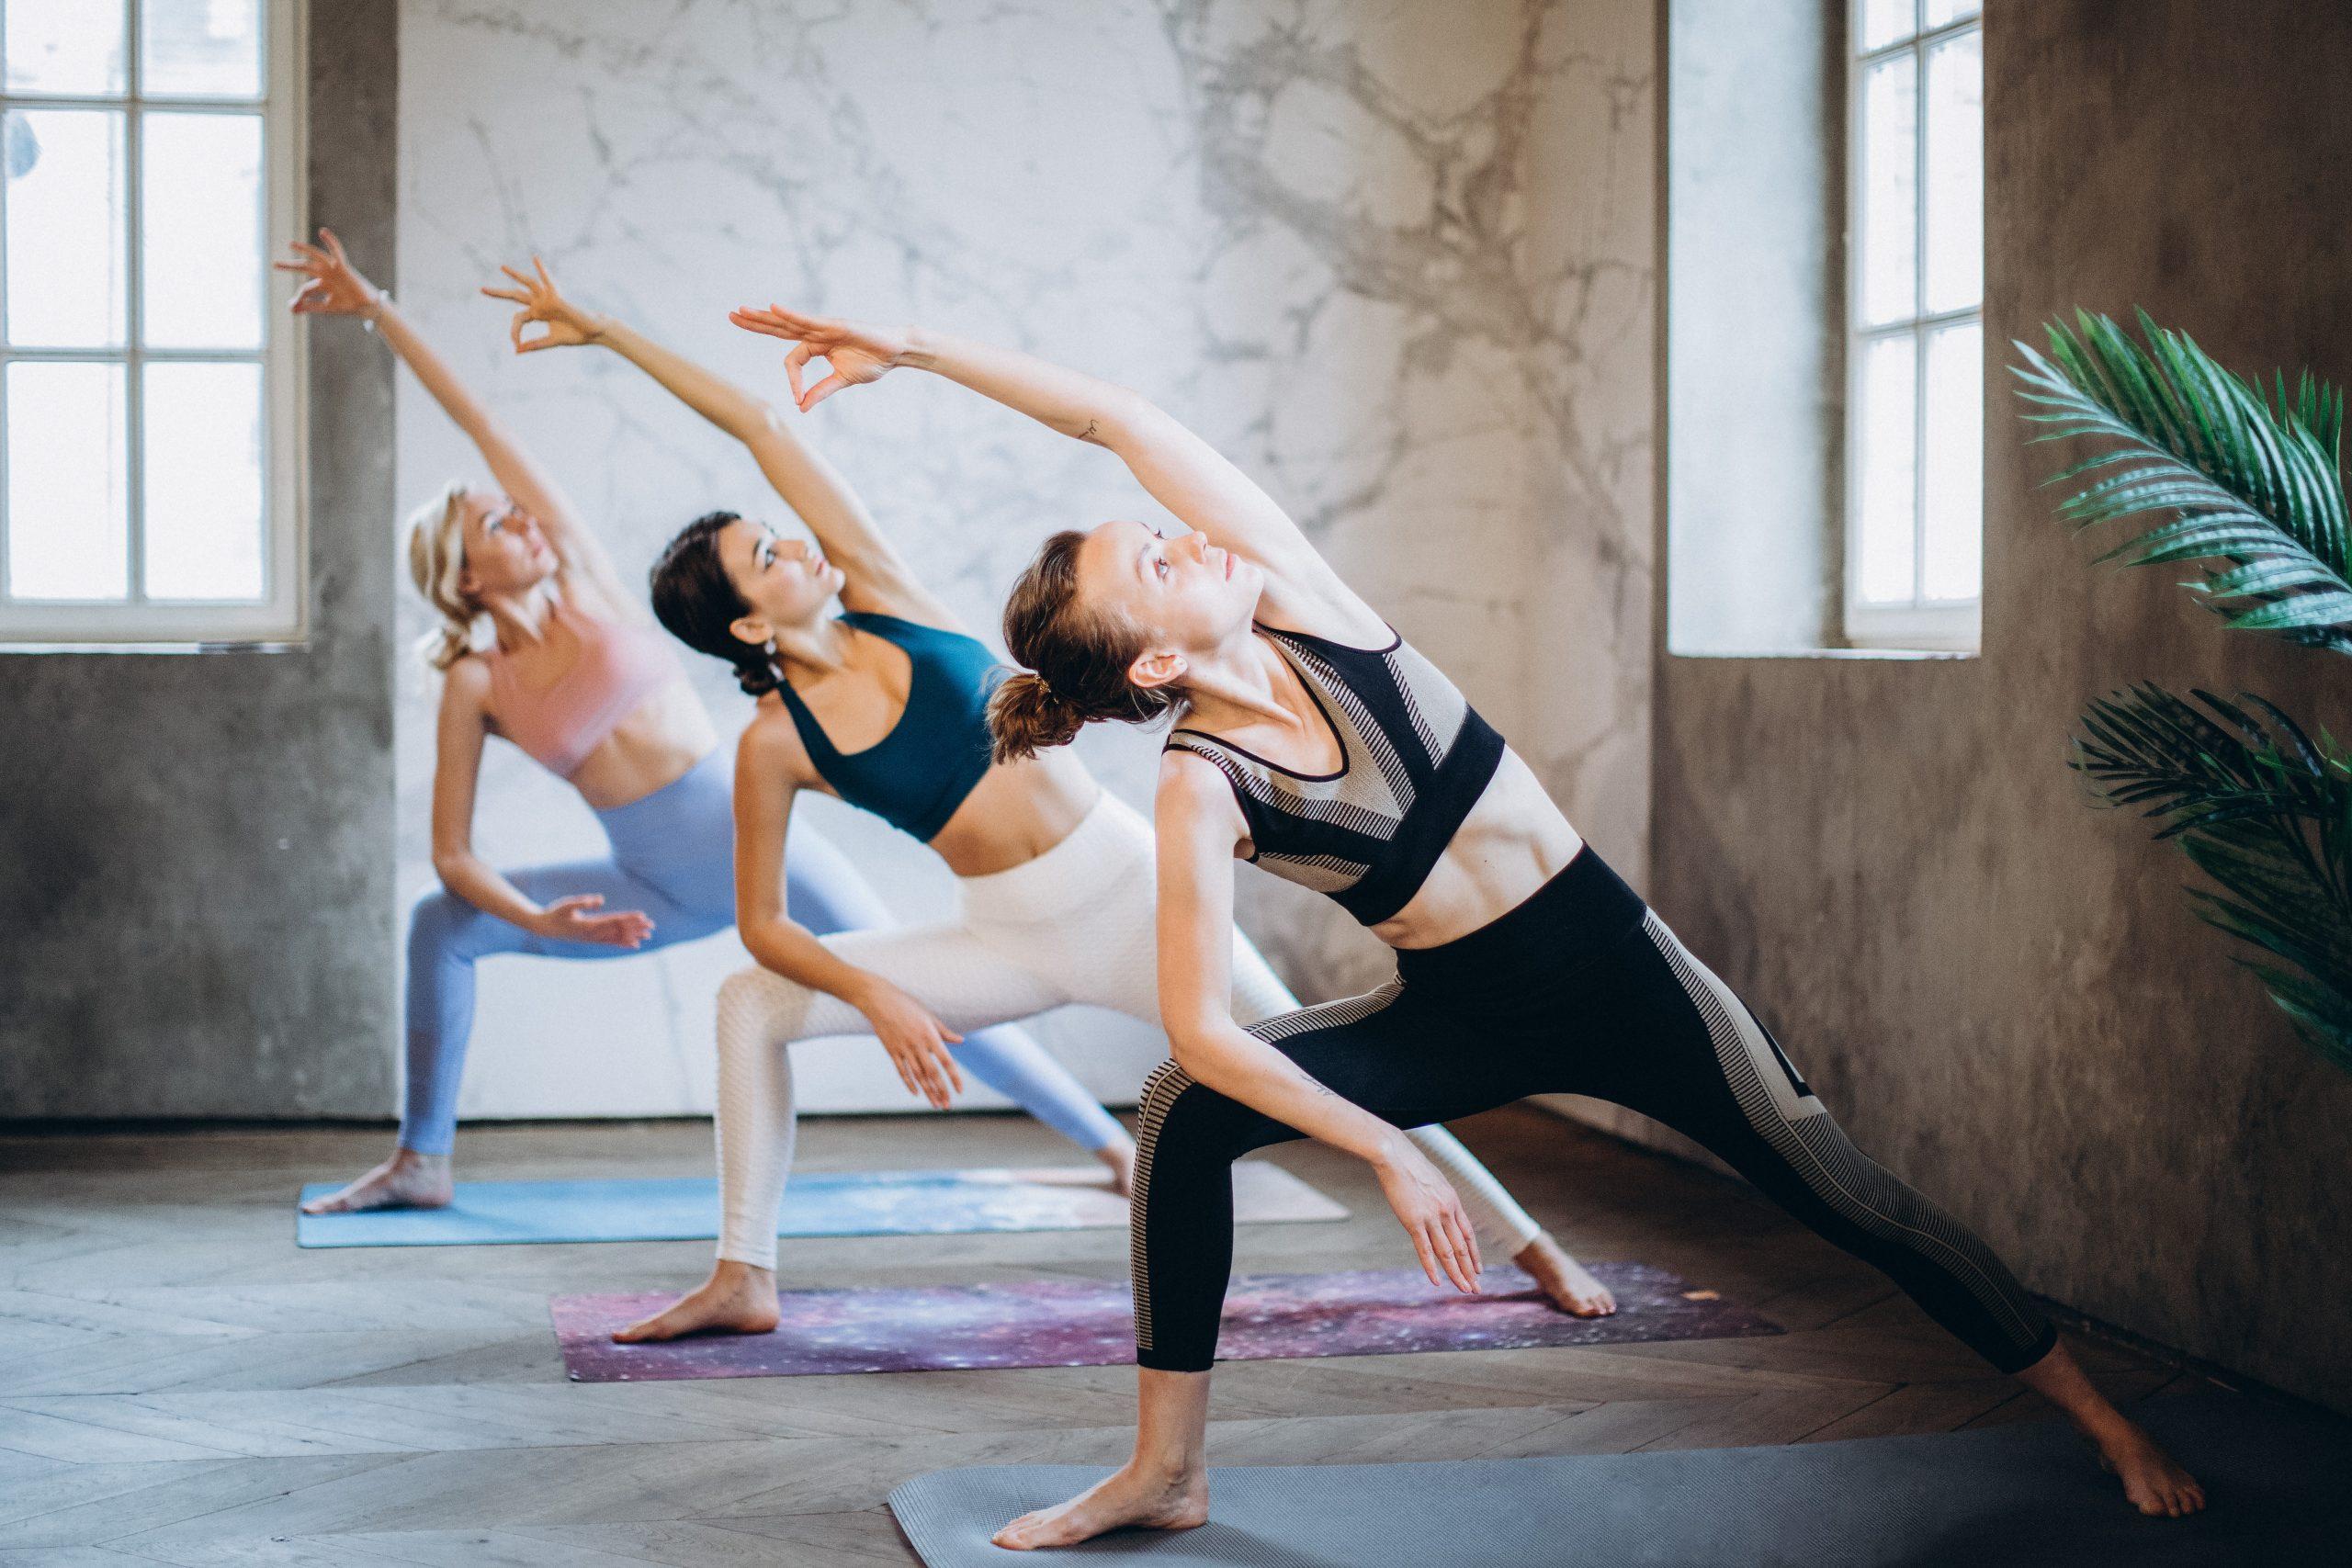 Imagem de mulheres praticando yoga.